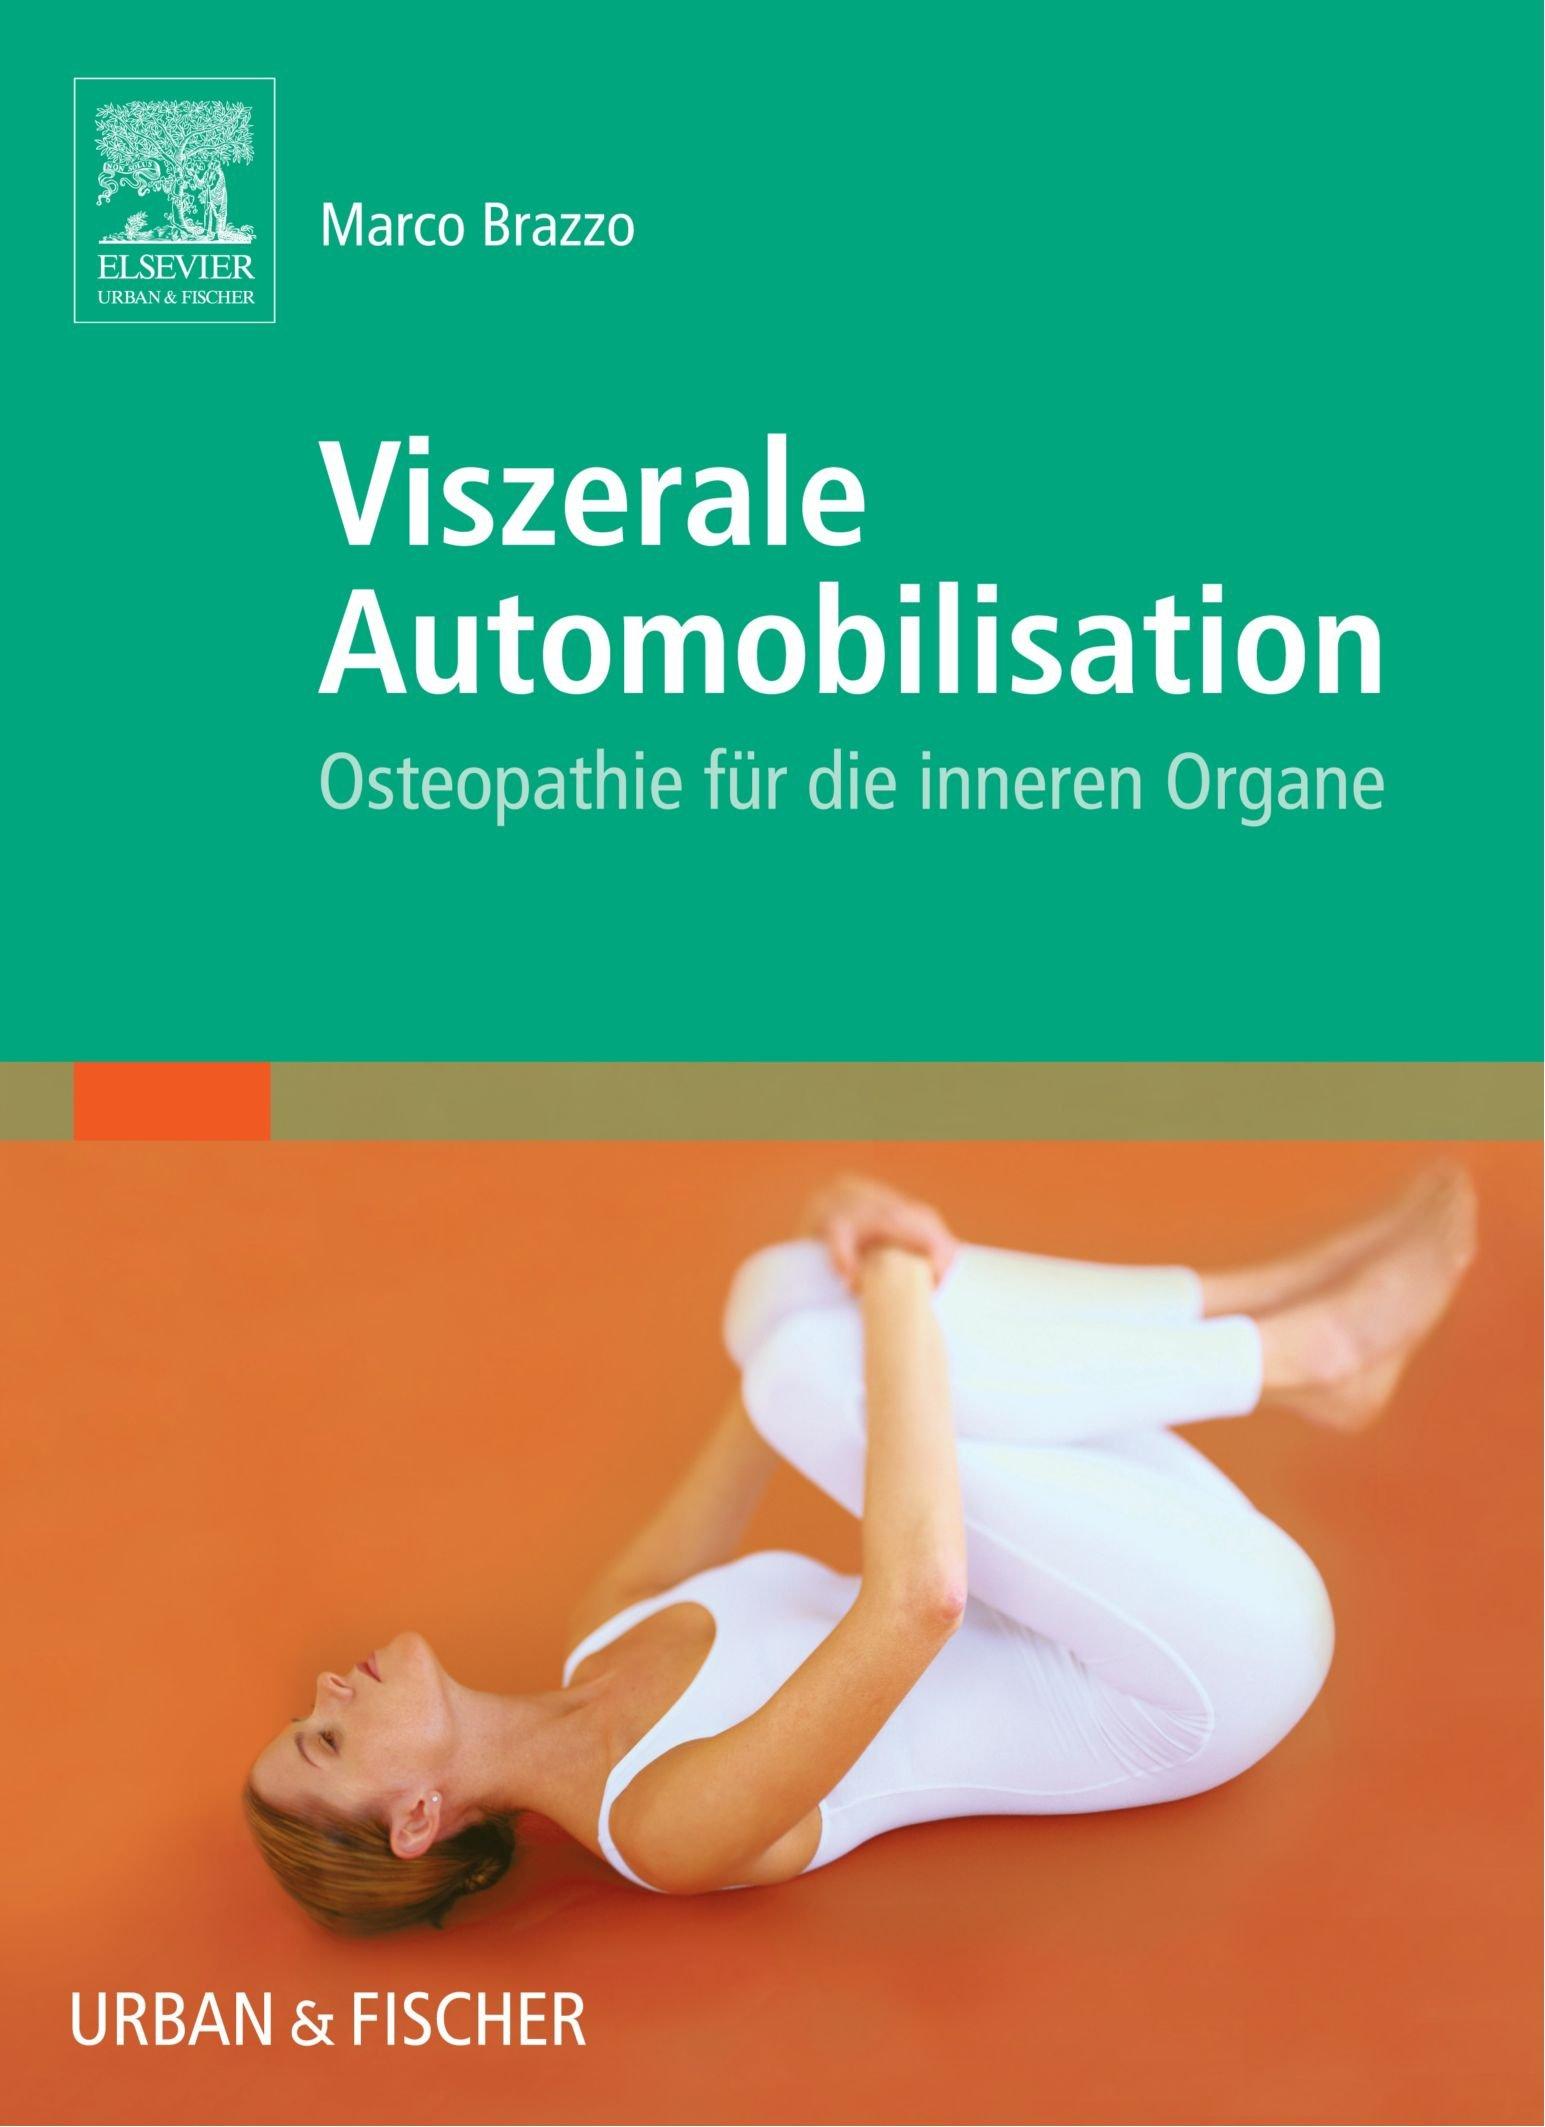 viszerale-automobilisation-osteopathie-fr-die-inneren-organe